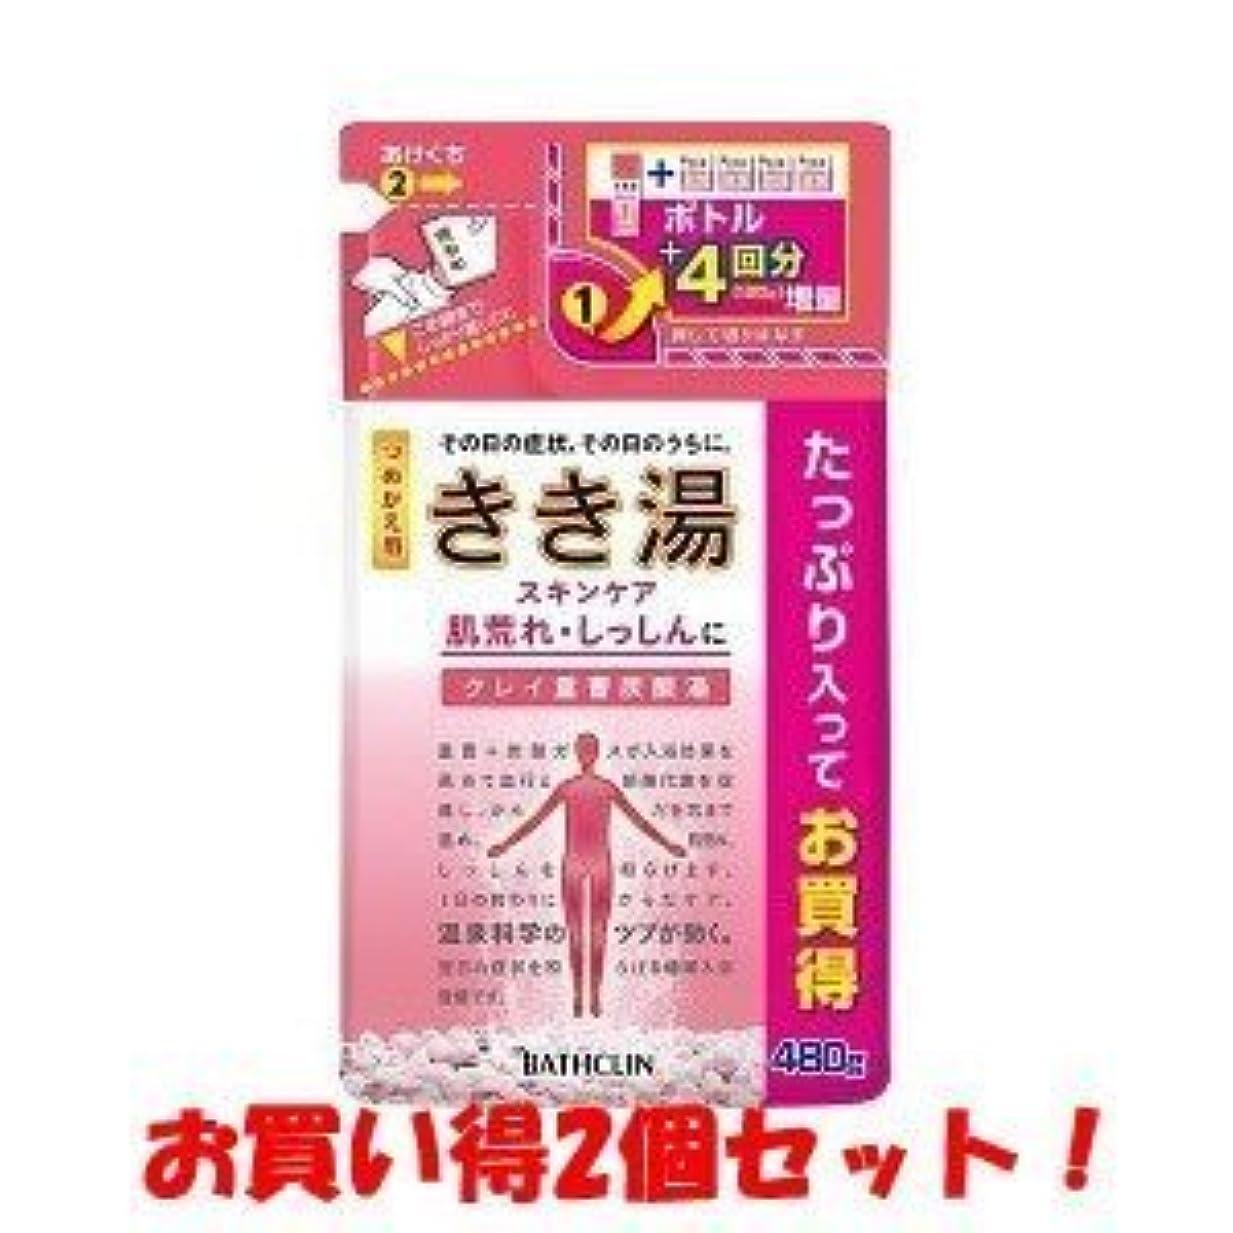 血統ステージ脆い(バスクリン)きき湯 クレイ重曹炭酸湯 つめかえ用 480g(医薬部外品)(お買い得2個セット)